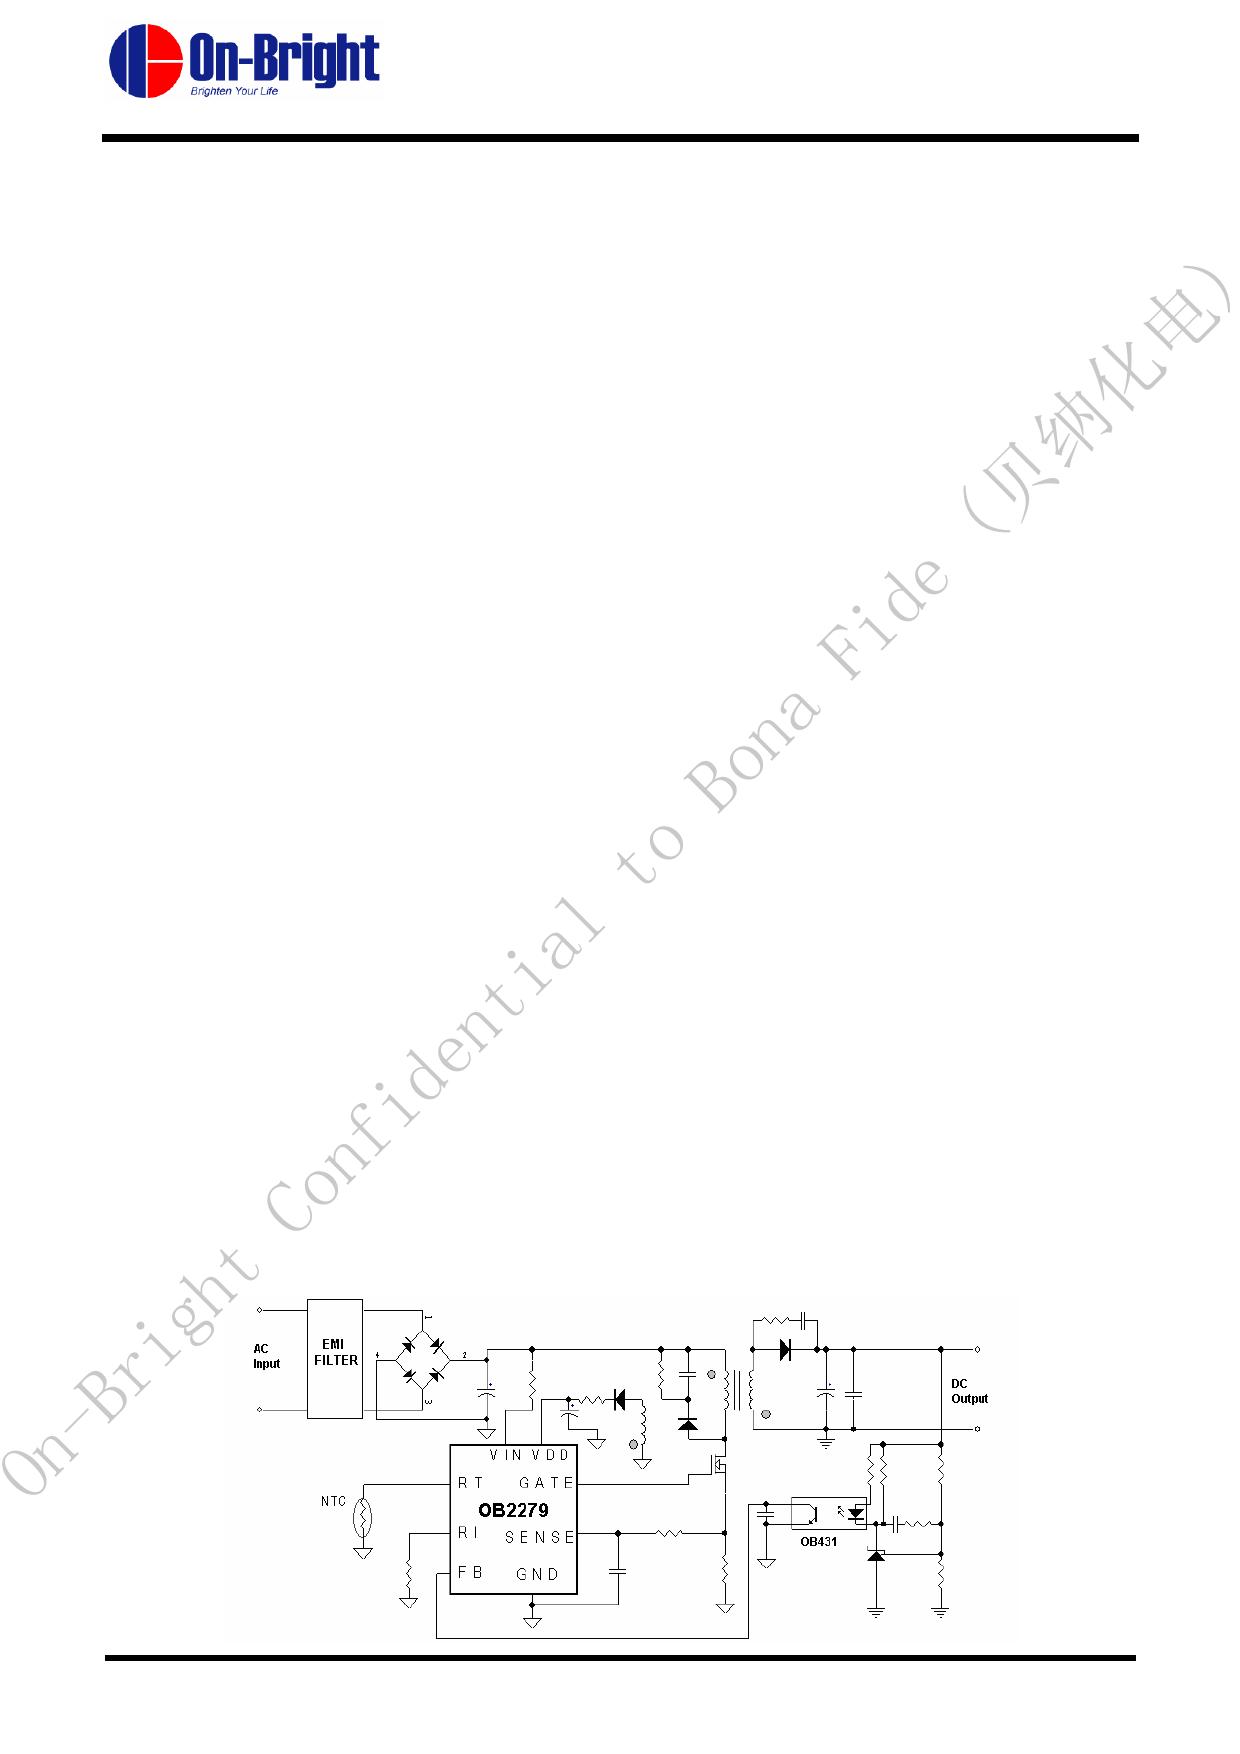 OB2279 datasheet